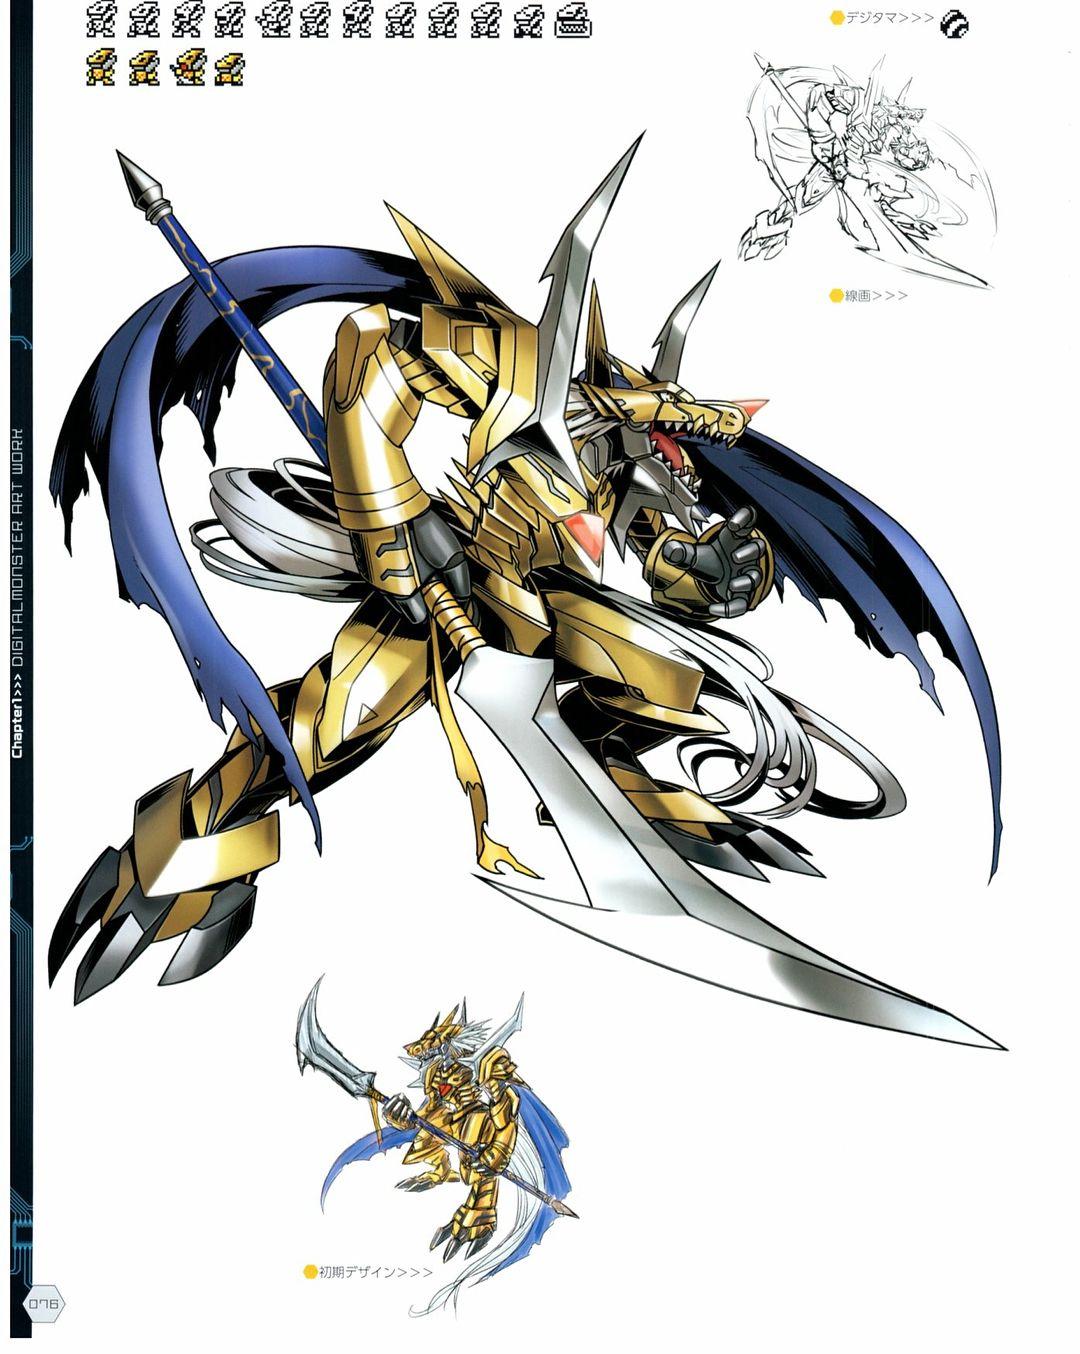 Digital Monster Art Book Ver 1 5 20th Official Art Digimon Cresgarurumon Blitzgreymon Omegamonalters Digitalmons Digimon Digimon Adventure Monster Art